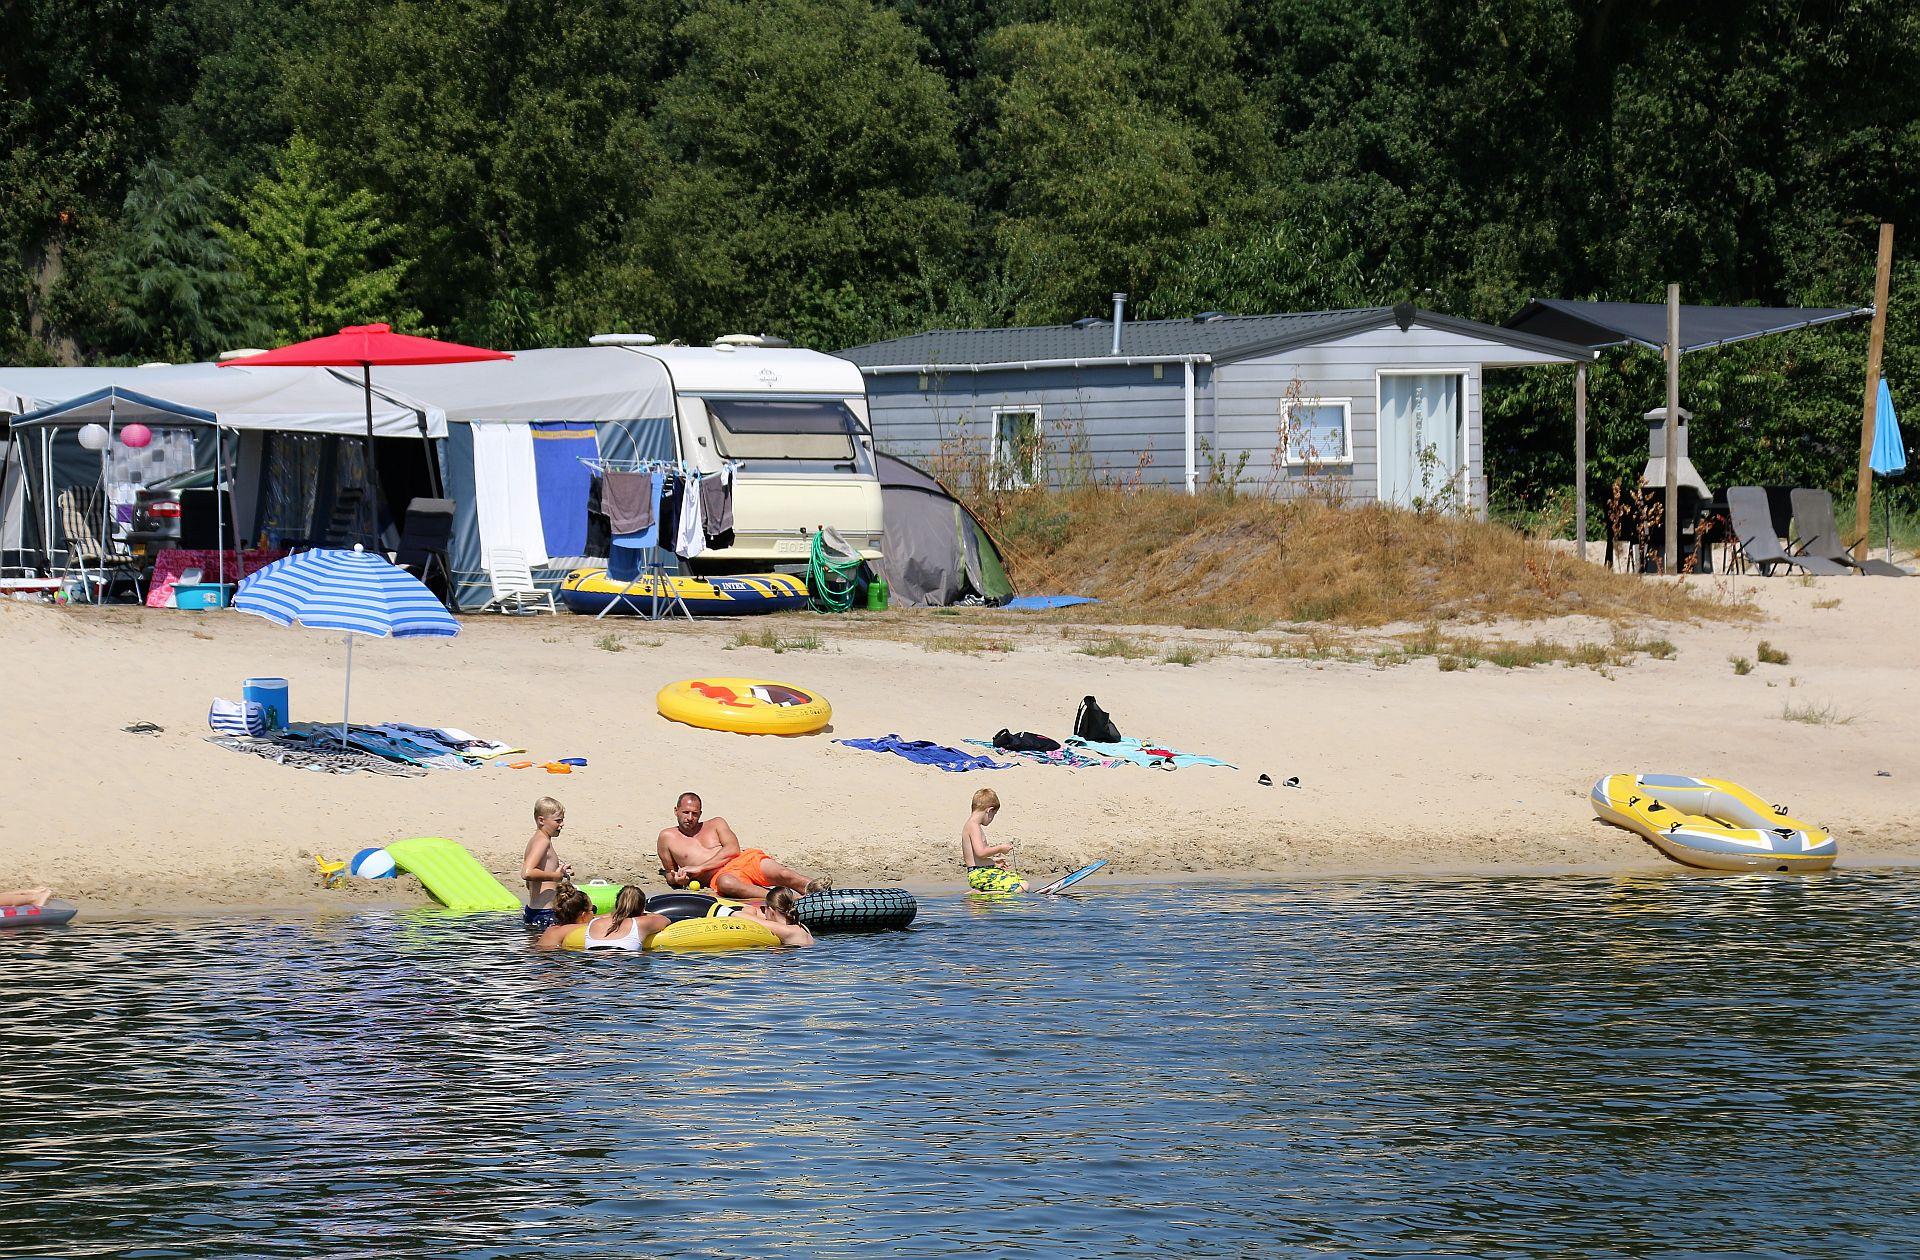 Strandbad in Overijssel bij het Stoetenslagh - strandbad in Overijssel